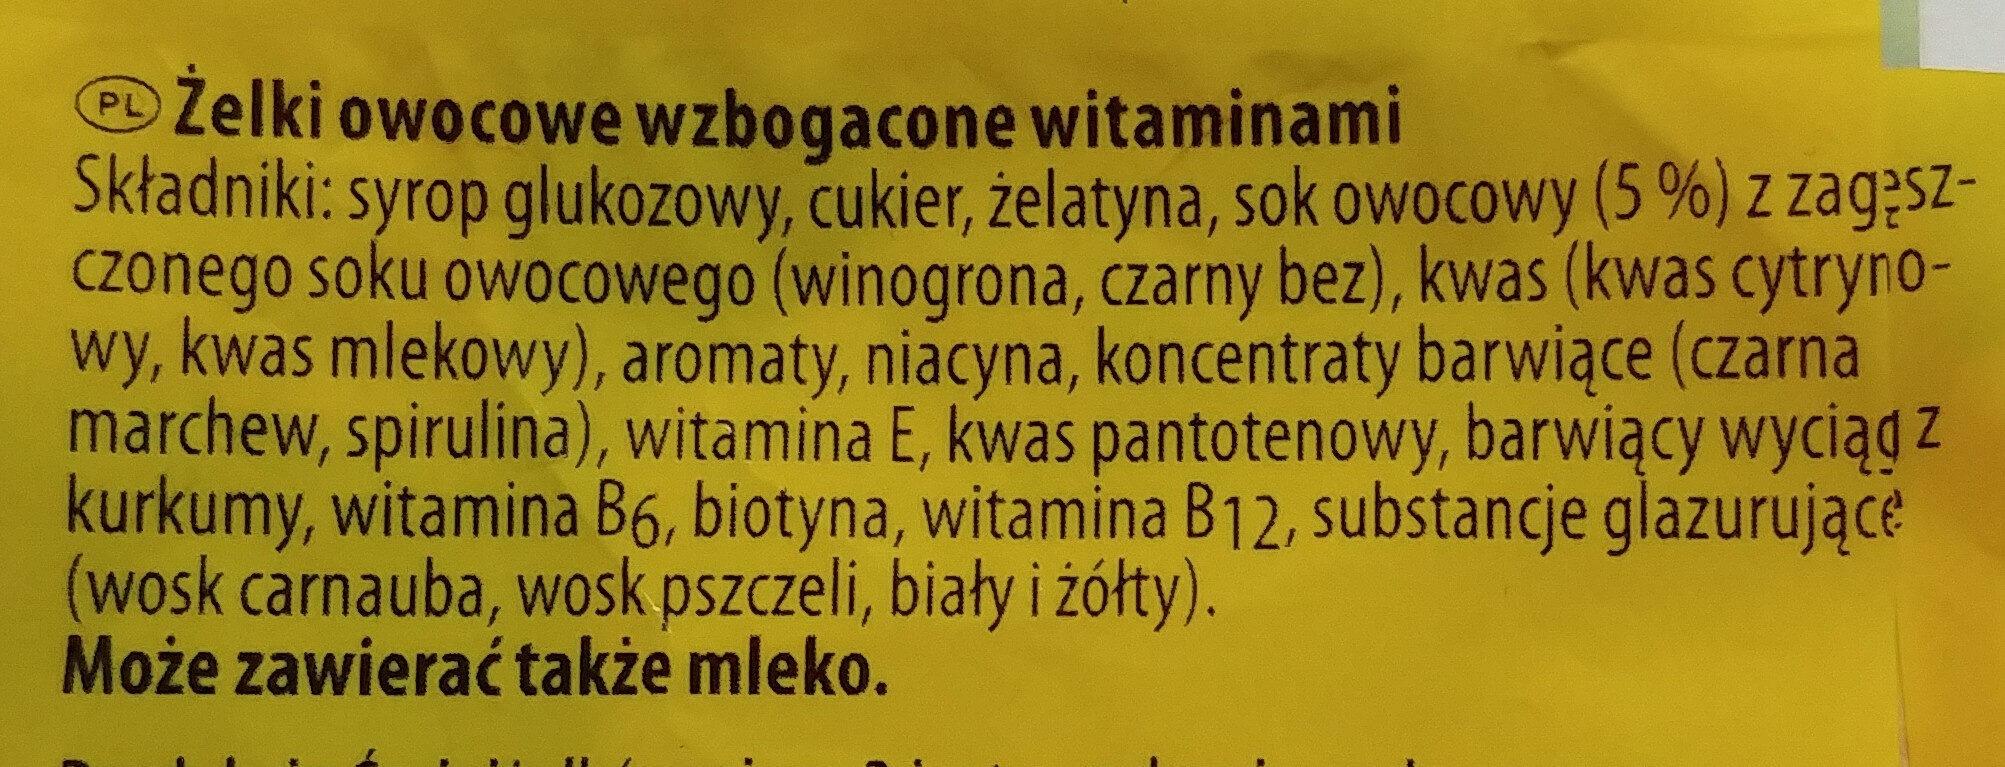 Żelki owocowe wzbogacone witaminami - Składniki - pl